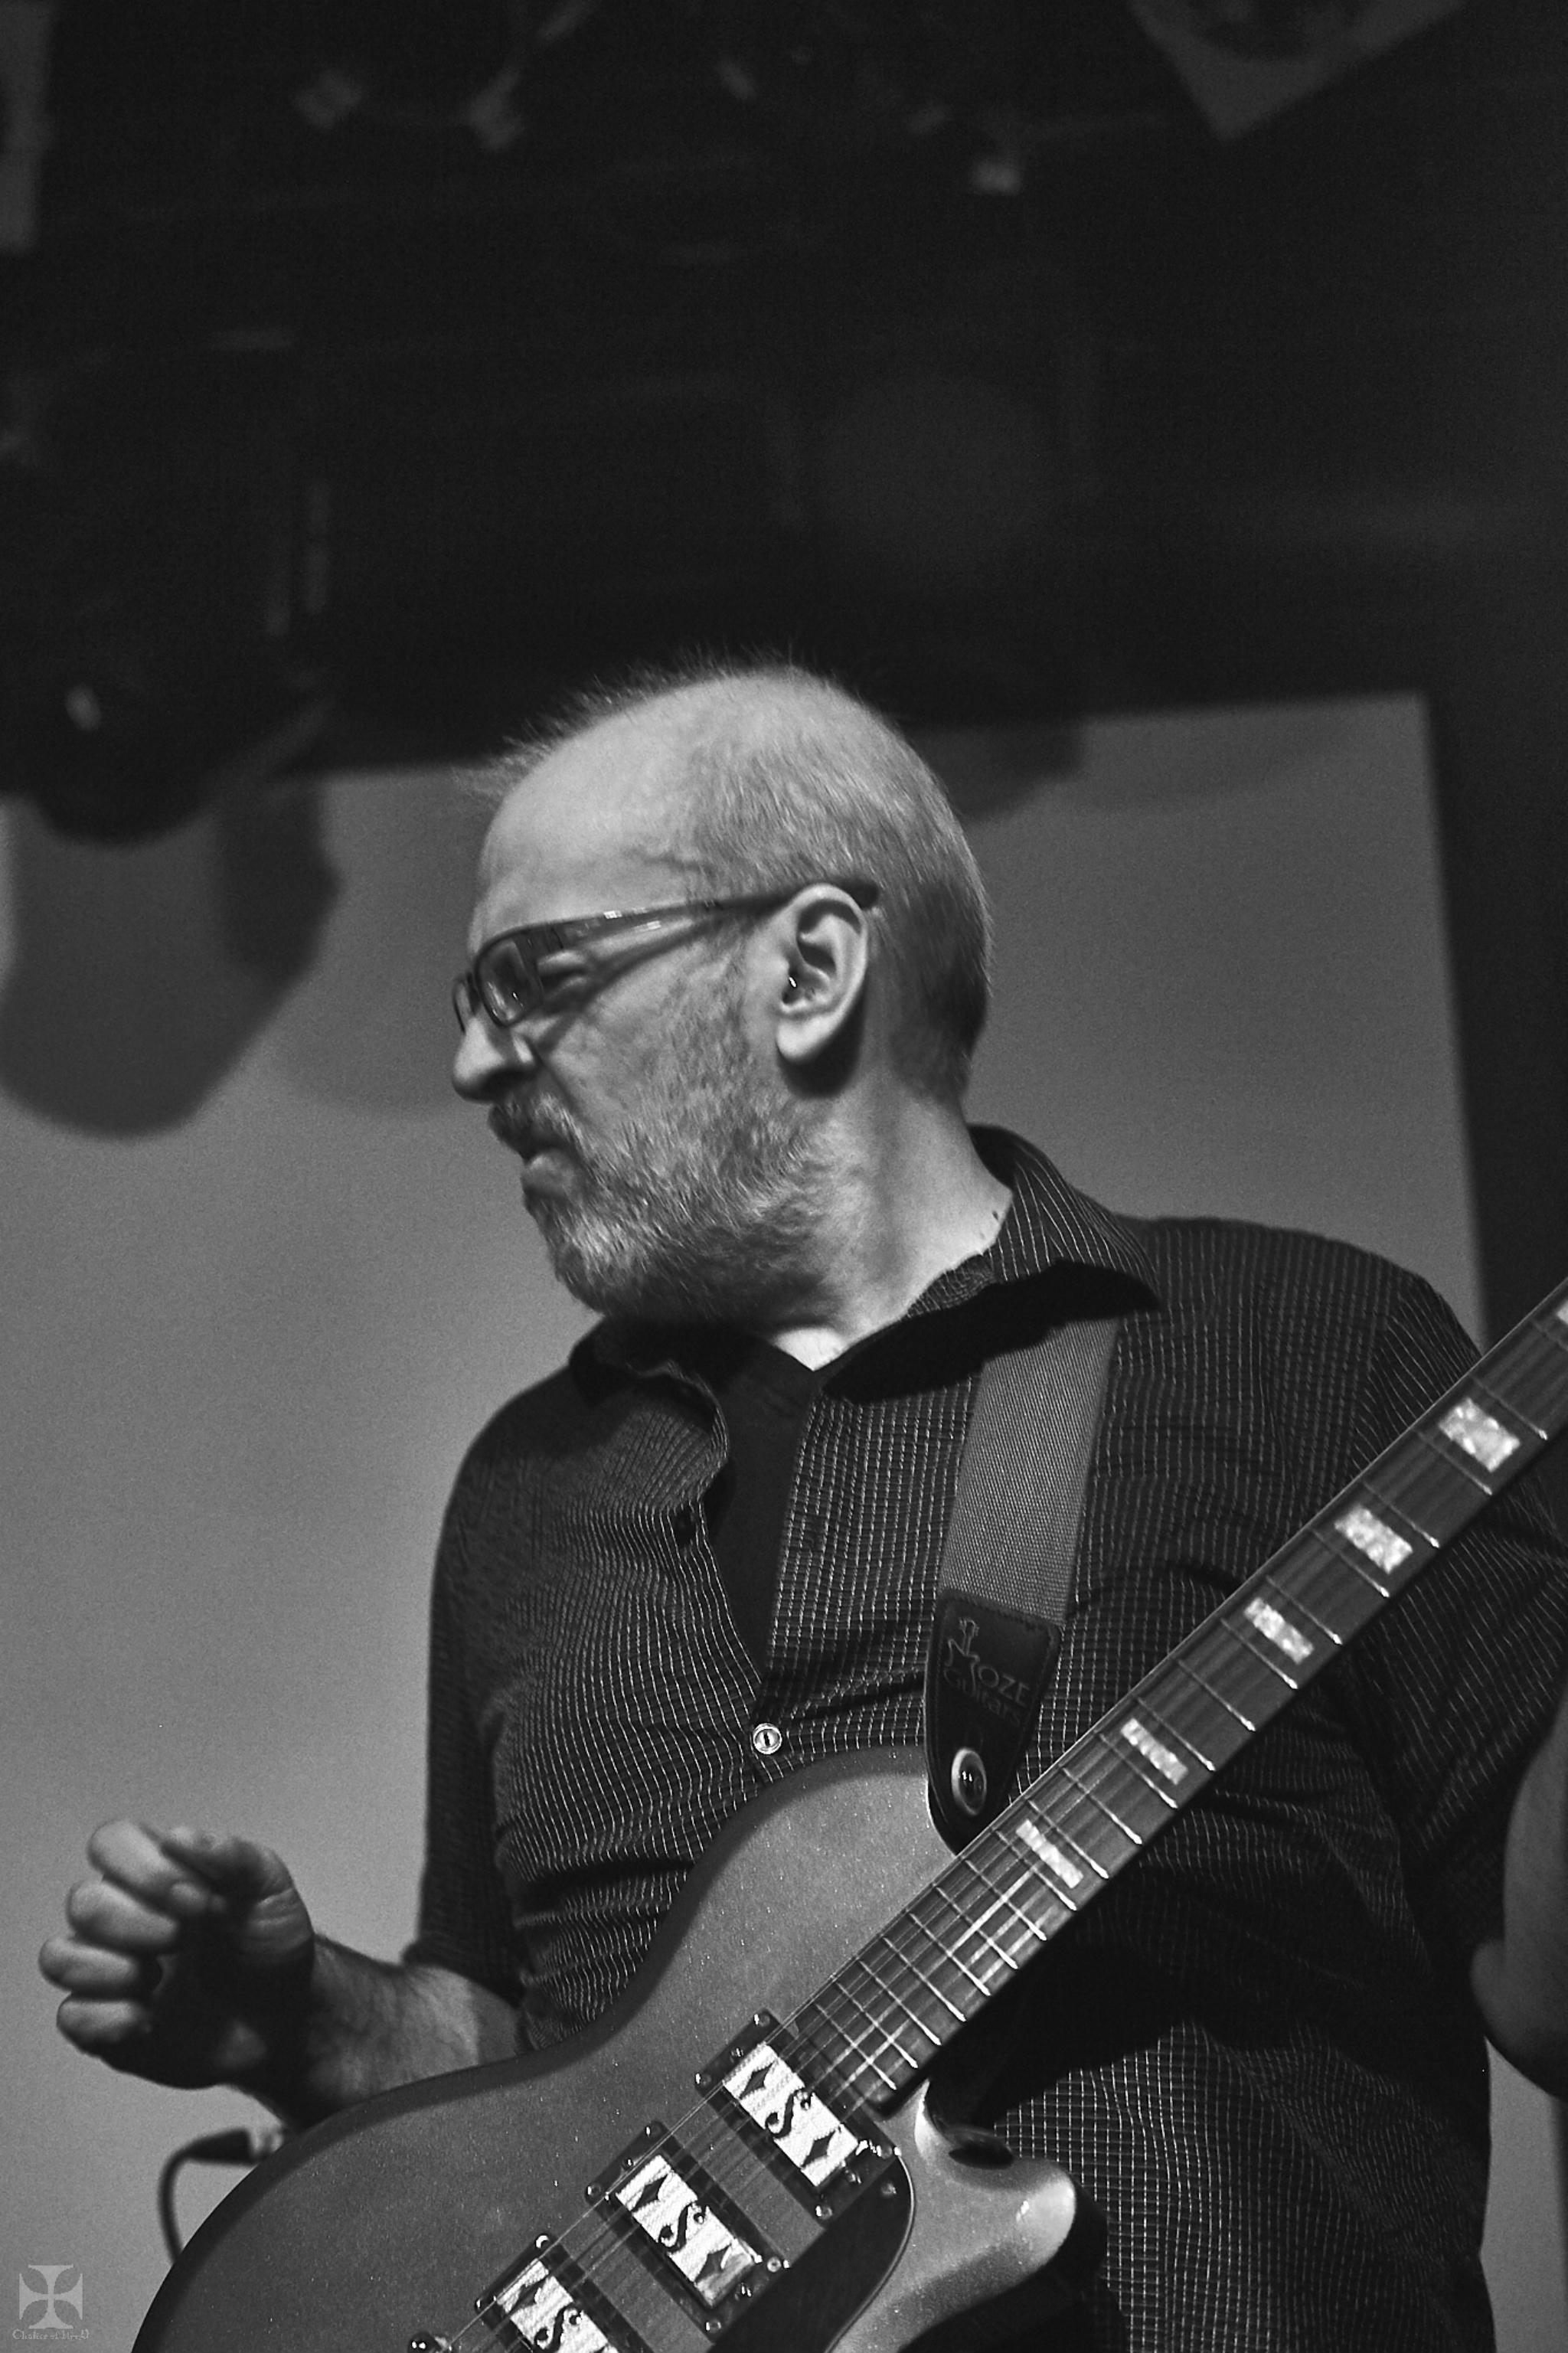 2018.12.04 Joe Satriani - DSCF6909_branded.jpg